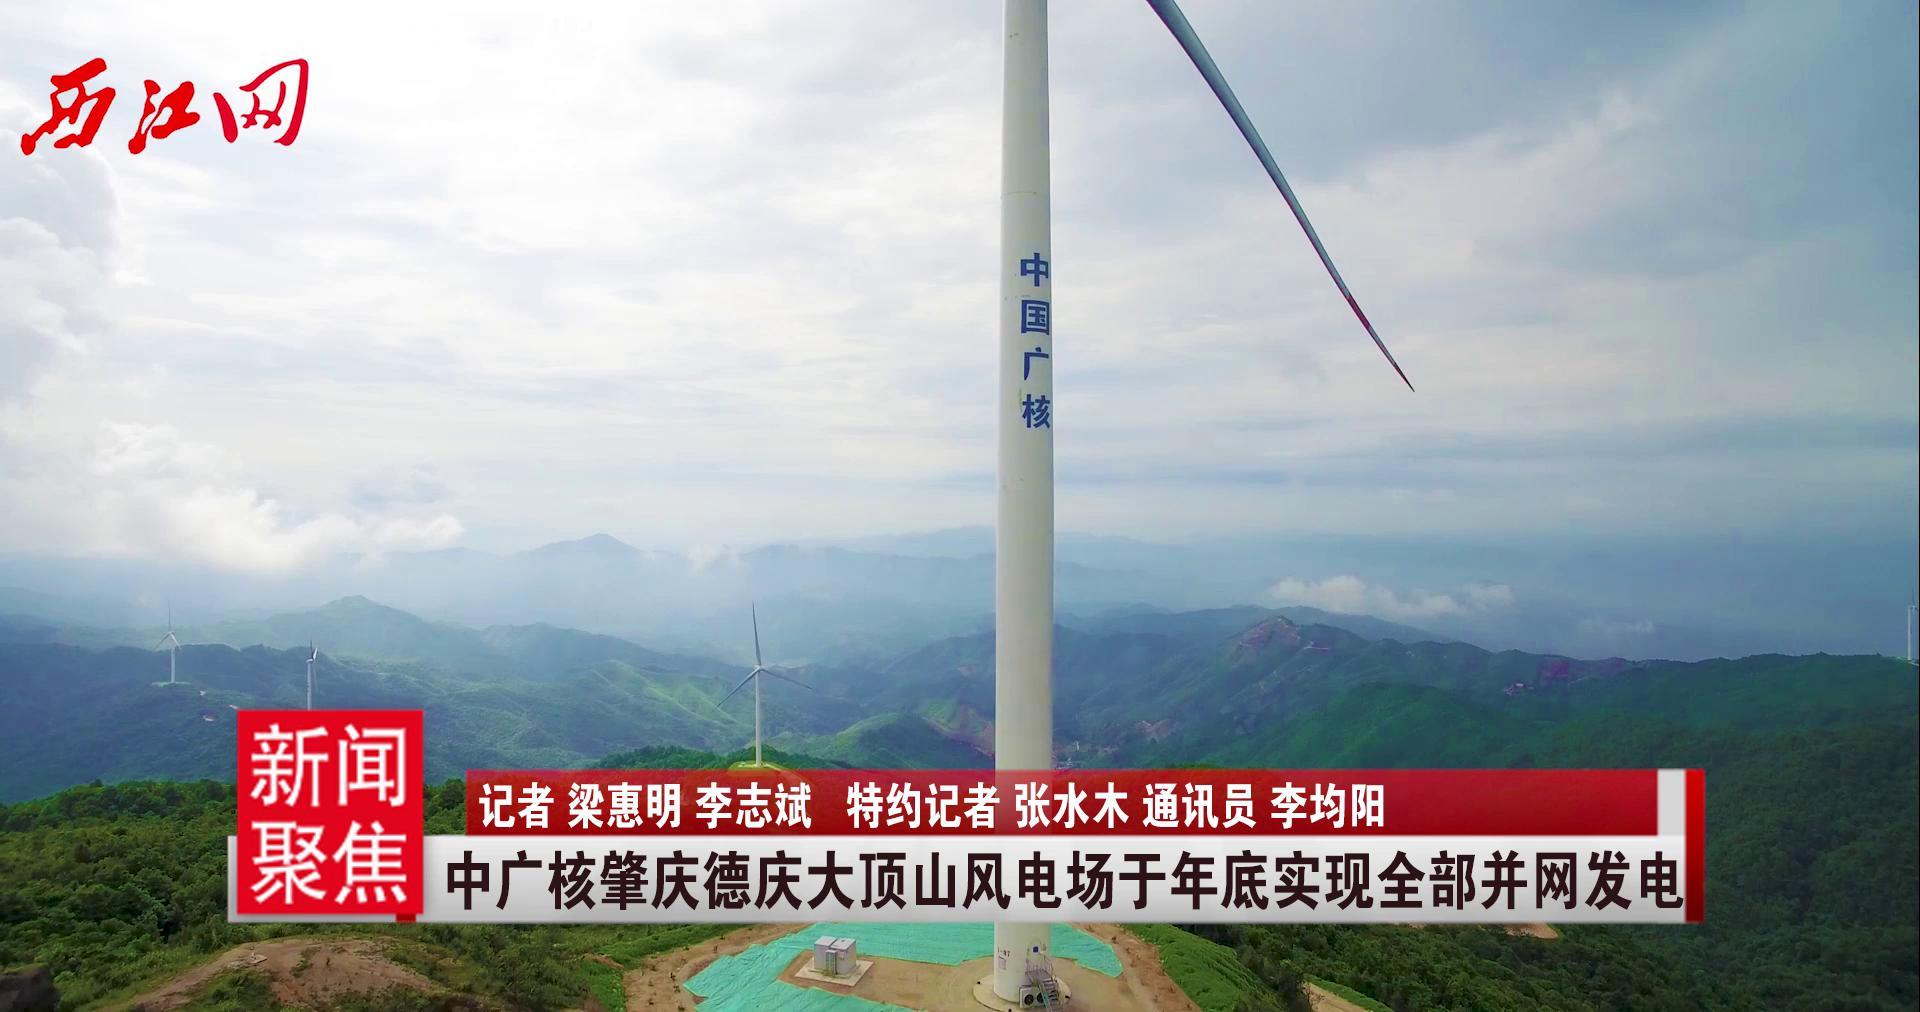 中广核青青草手机在线德庆大顶山风电场于年底实现全部并网发电